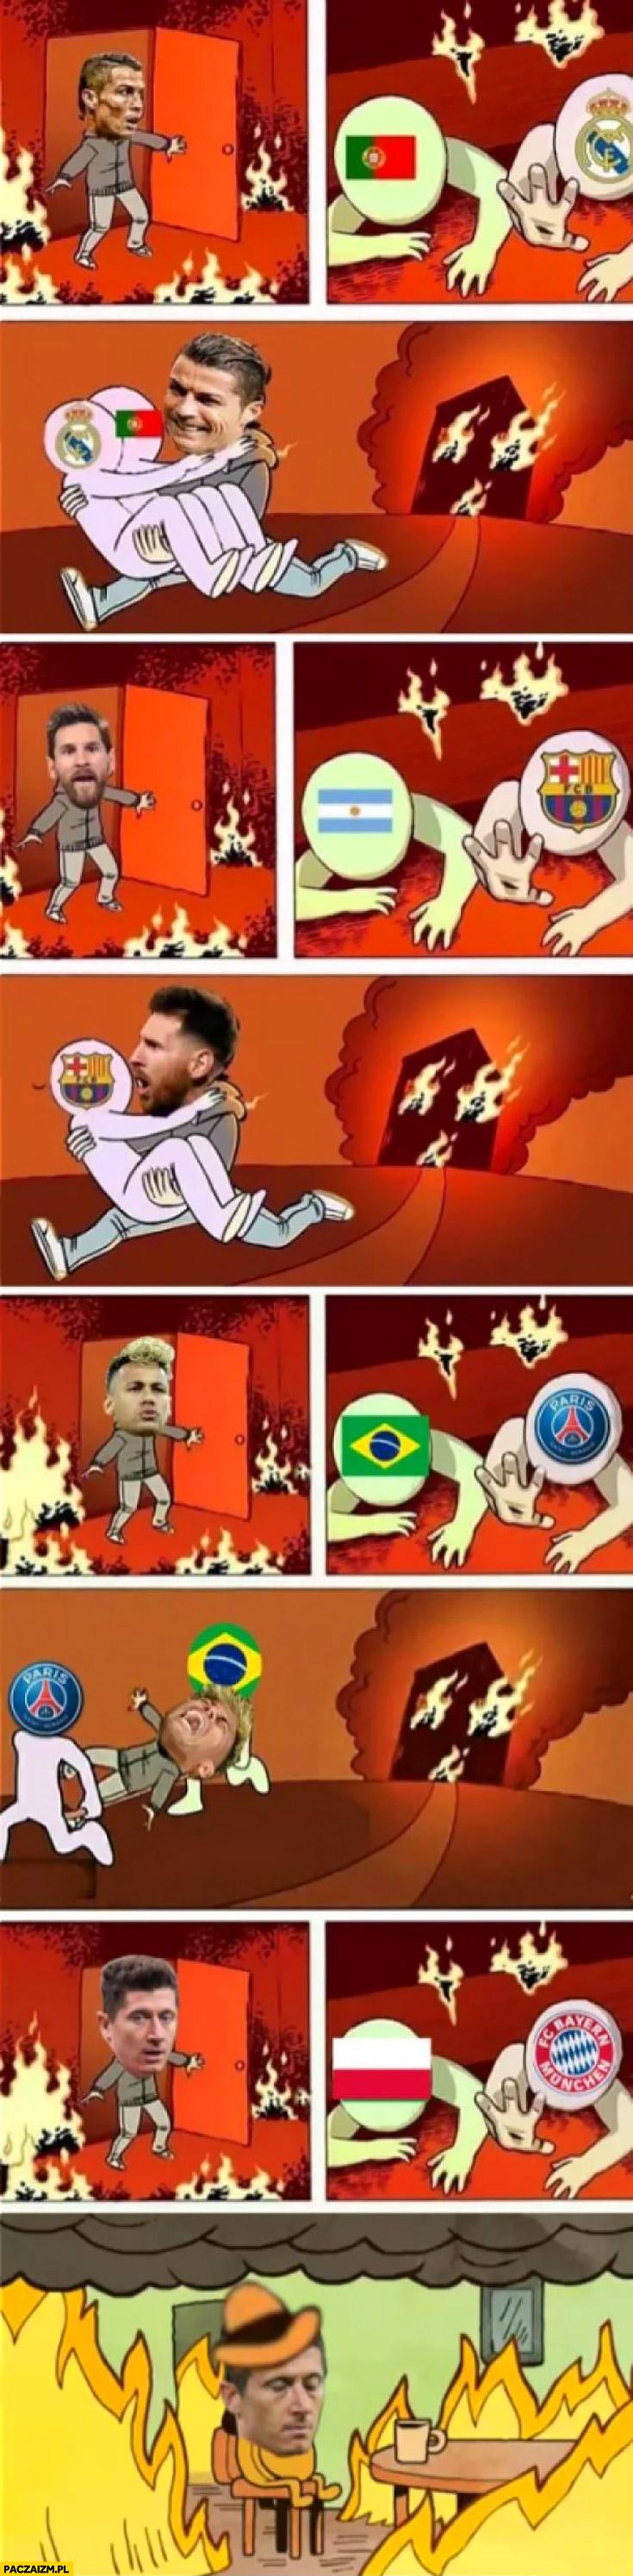 Piłkarze Ronaldo, Messi, Neymar ratują swoje drużyny z pożaru Lewandowski nie ratuje